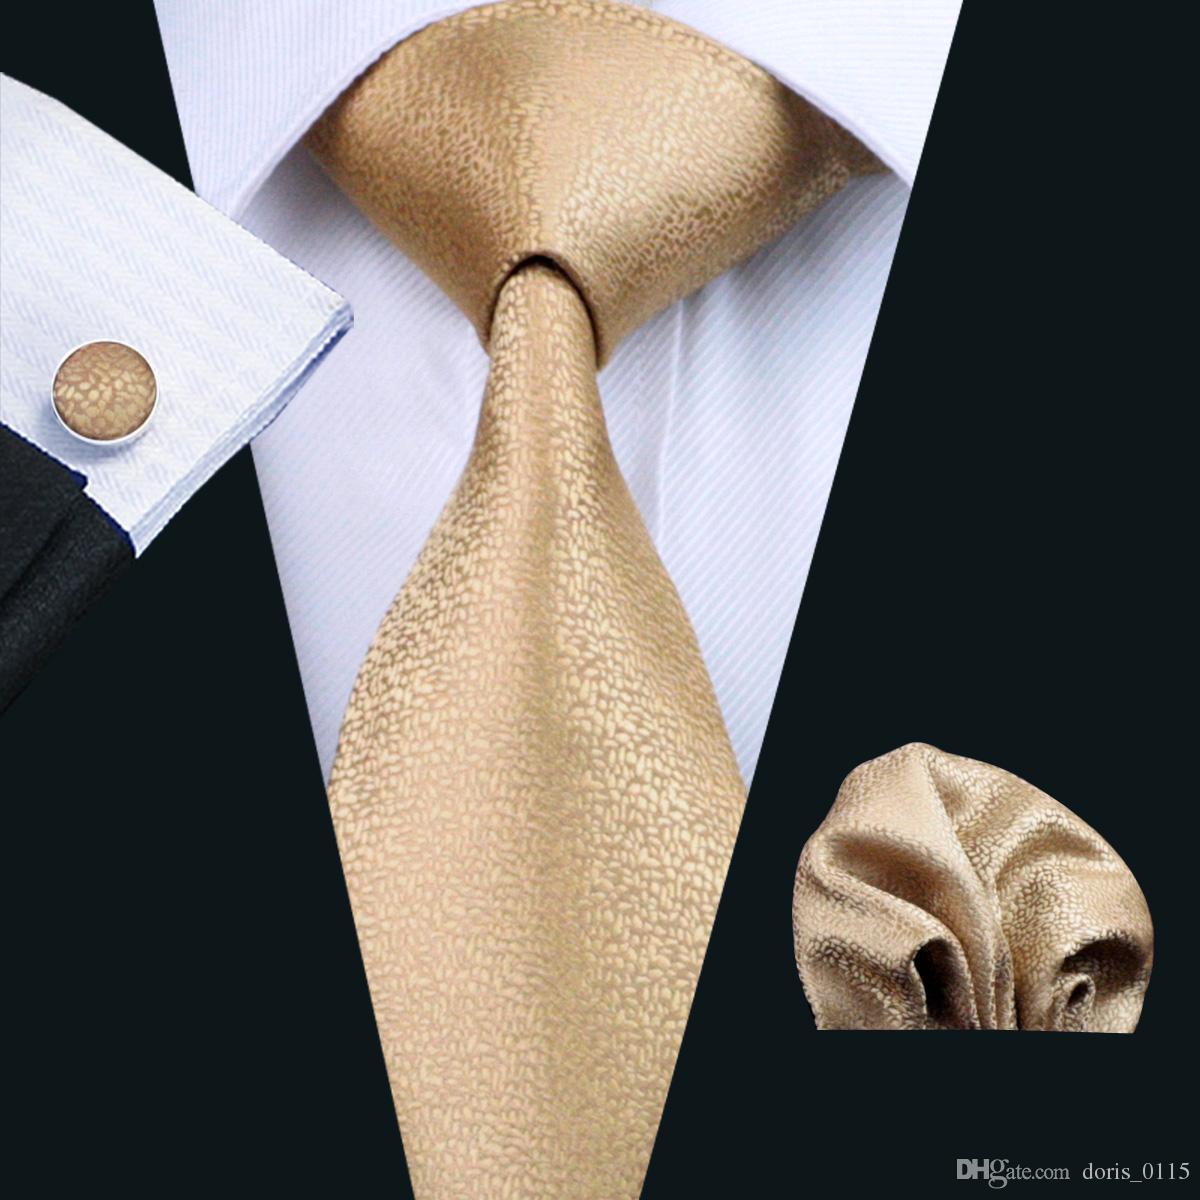 سريع الشحن الذهب التعادل مجموعة للرجال الحرير hankerchief أعلى بيع الجاكار المنسوجة الكلاسيكية الأعمال الأعمال الترفيه العنق مجموعة N-0532